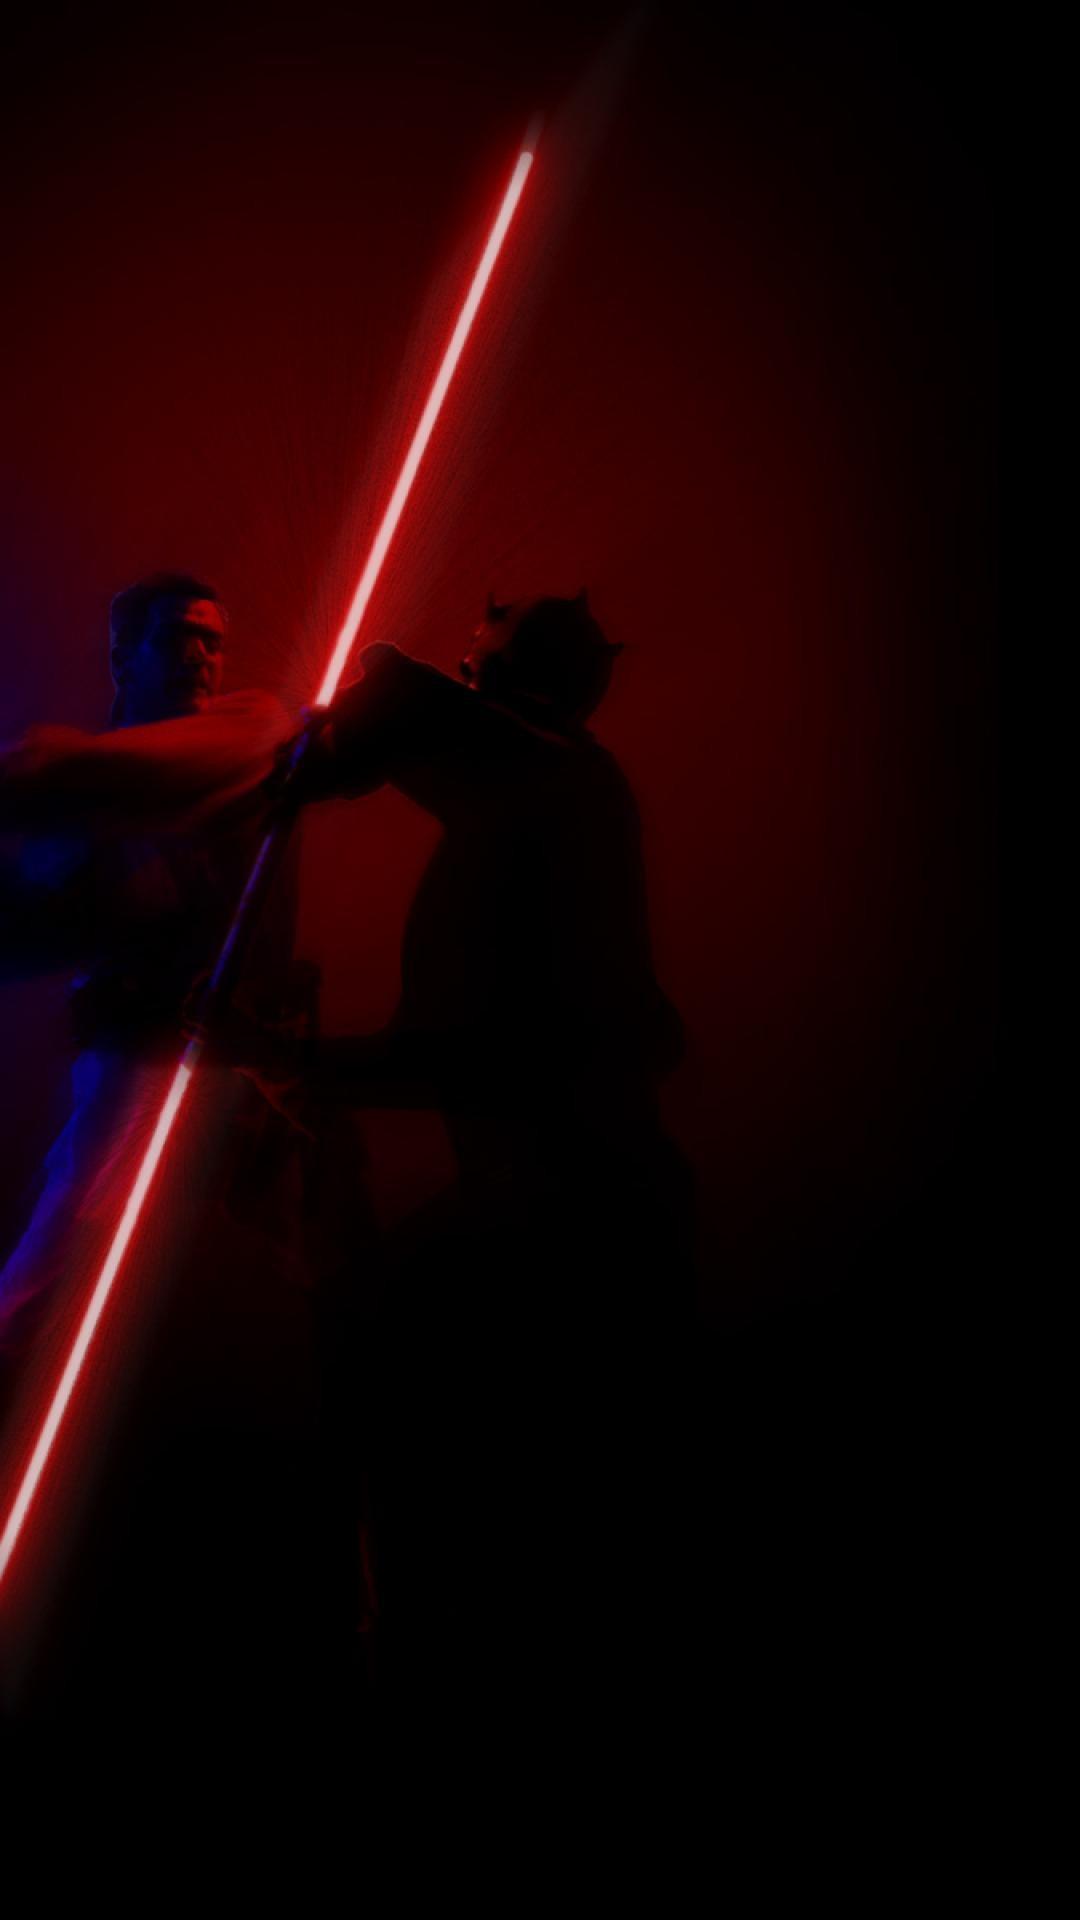 star wars fight darth maul lightsabers obi-wan kenobi HD Wallpaper of .